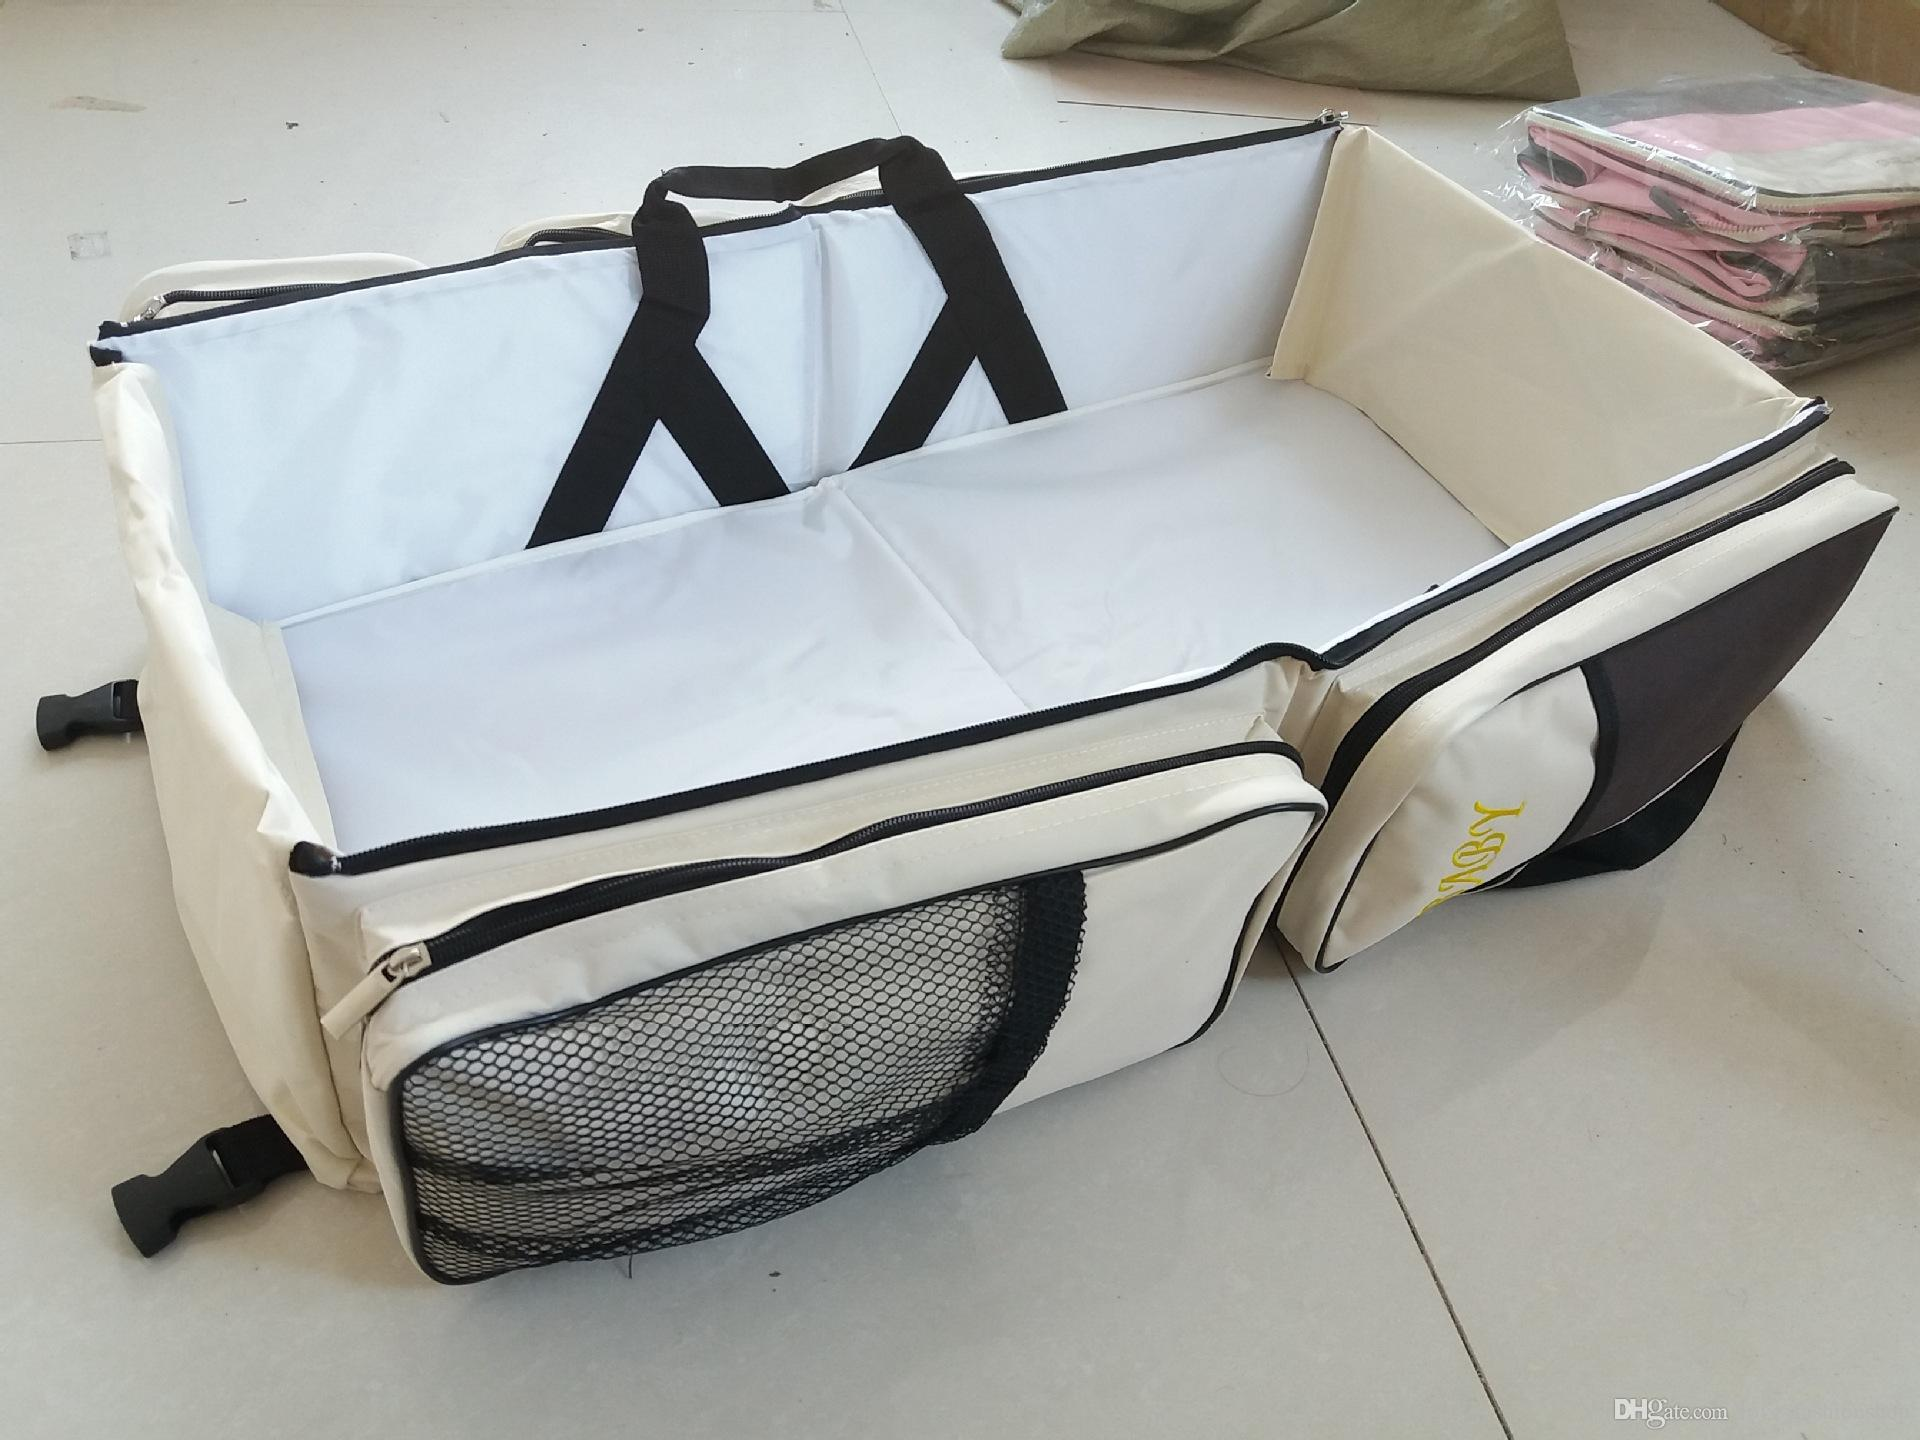 Varejo Portátil Dobrável Baby Bed Bag Multi-Função Grande Mamãe Mamãe Mão ao ar livre Cama de Viagem Saco de Segurança Infantil Nappies Drawpers Tote